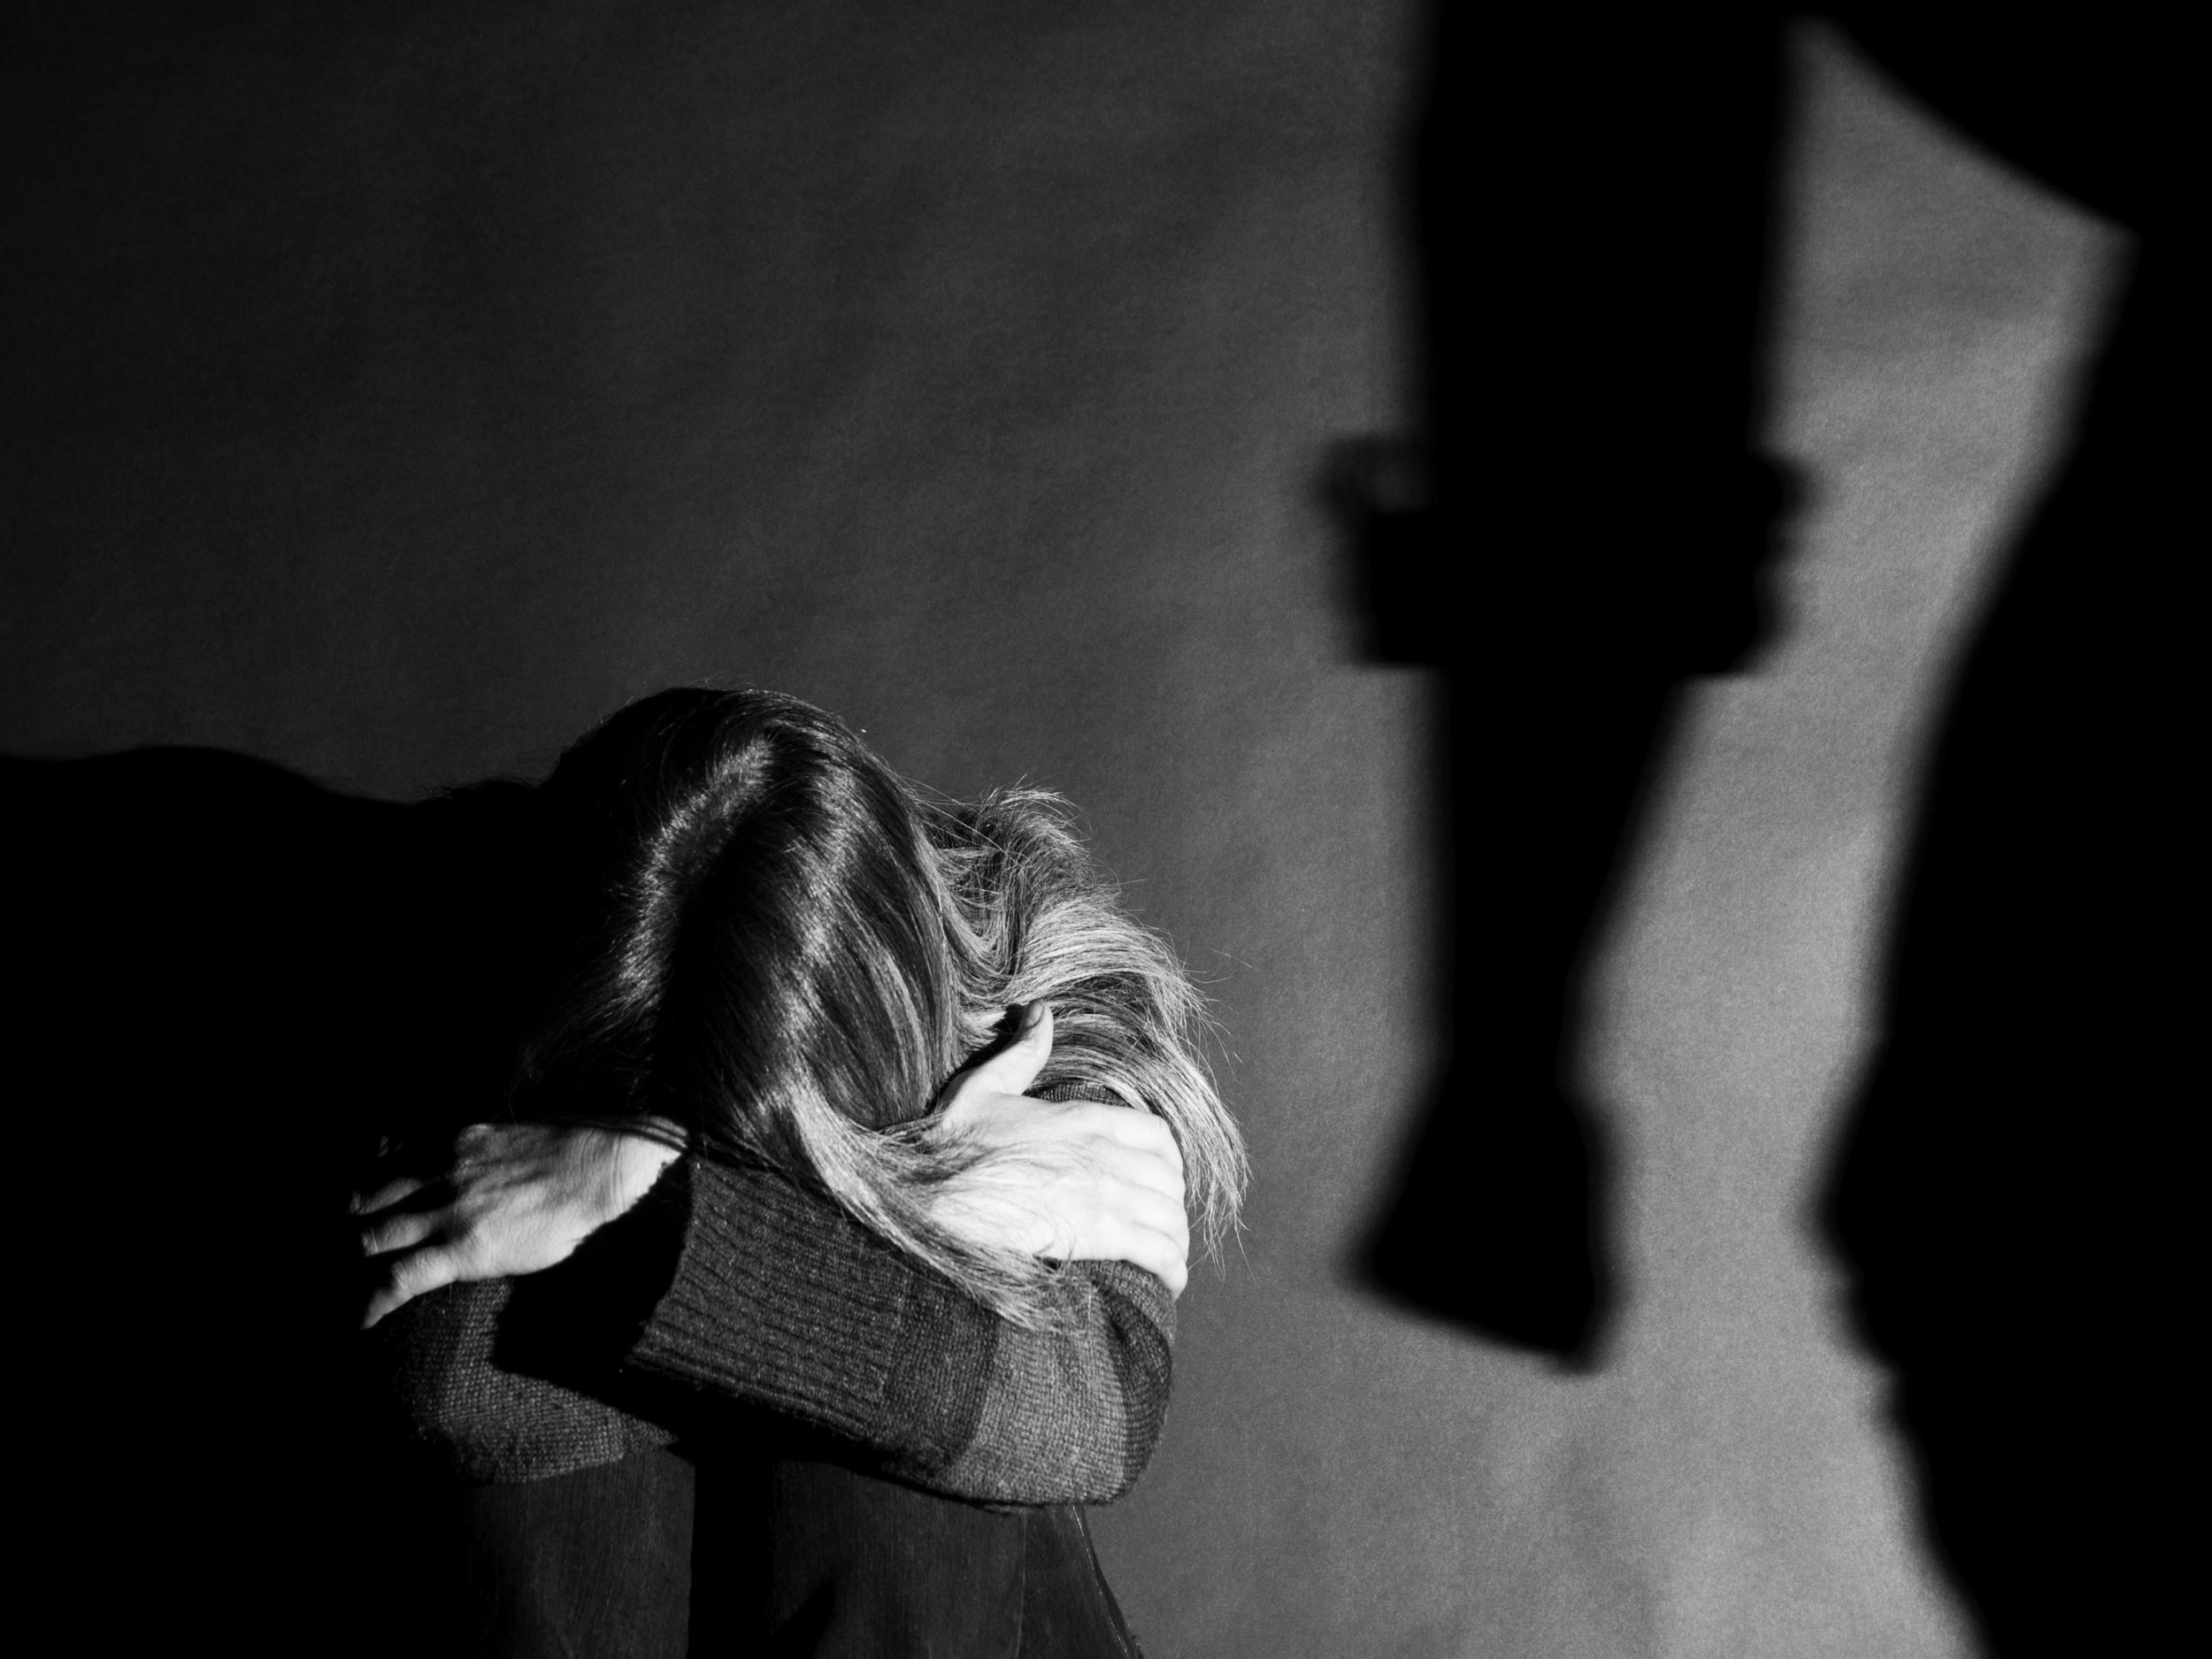 تصویر از ۹ حقیقت درباره خشونت فیزیکی مردان علیه زنان – قسمت دوم